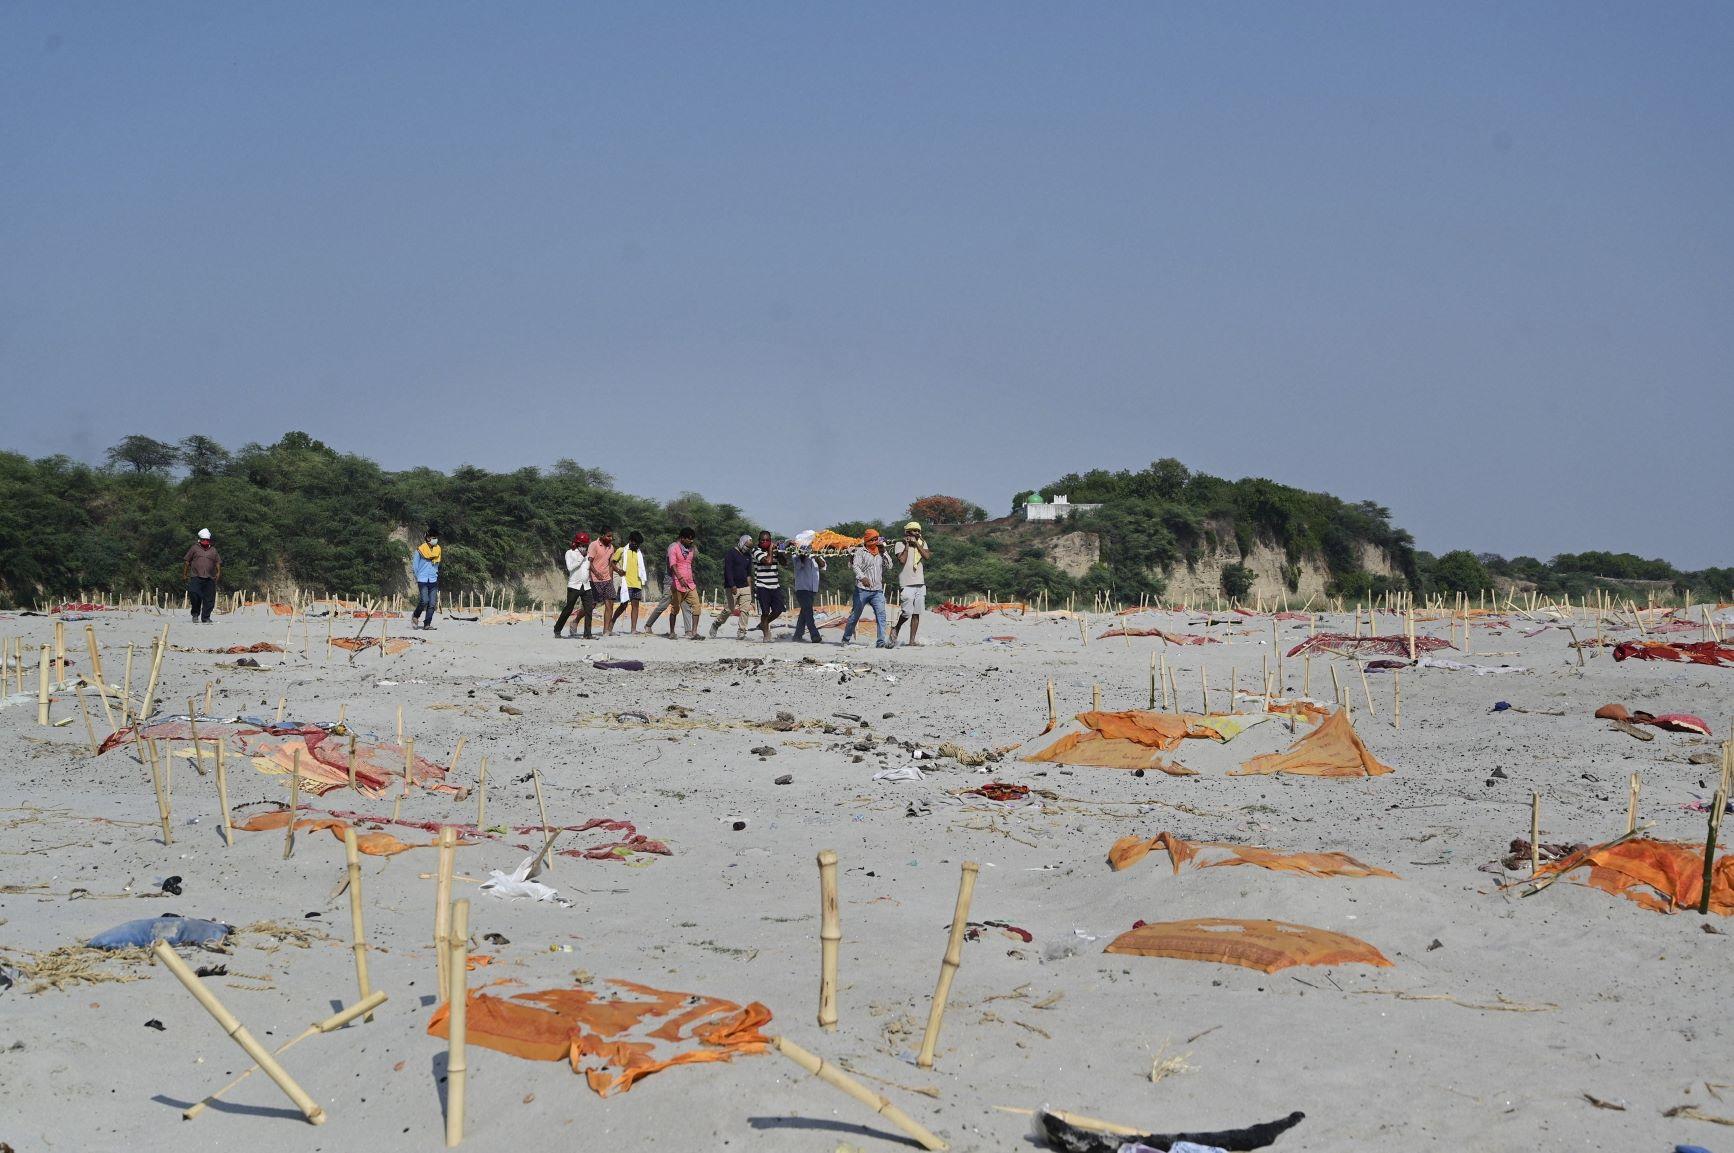 कोरोना की दूसरी लहर के दौरान मई 2021 में इलाहाबाद के श्रृंगवेरपुर में गंगा घाट पर दफ़न शव. (फोटो: पीटीआई)